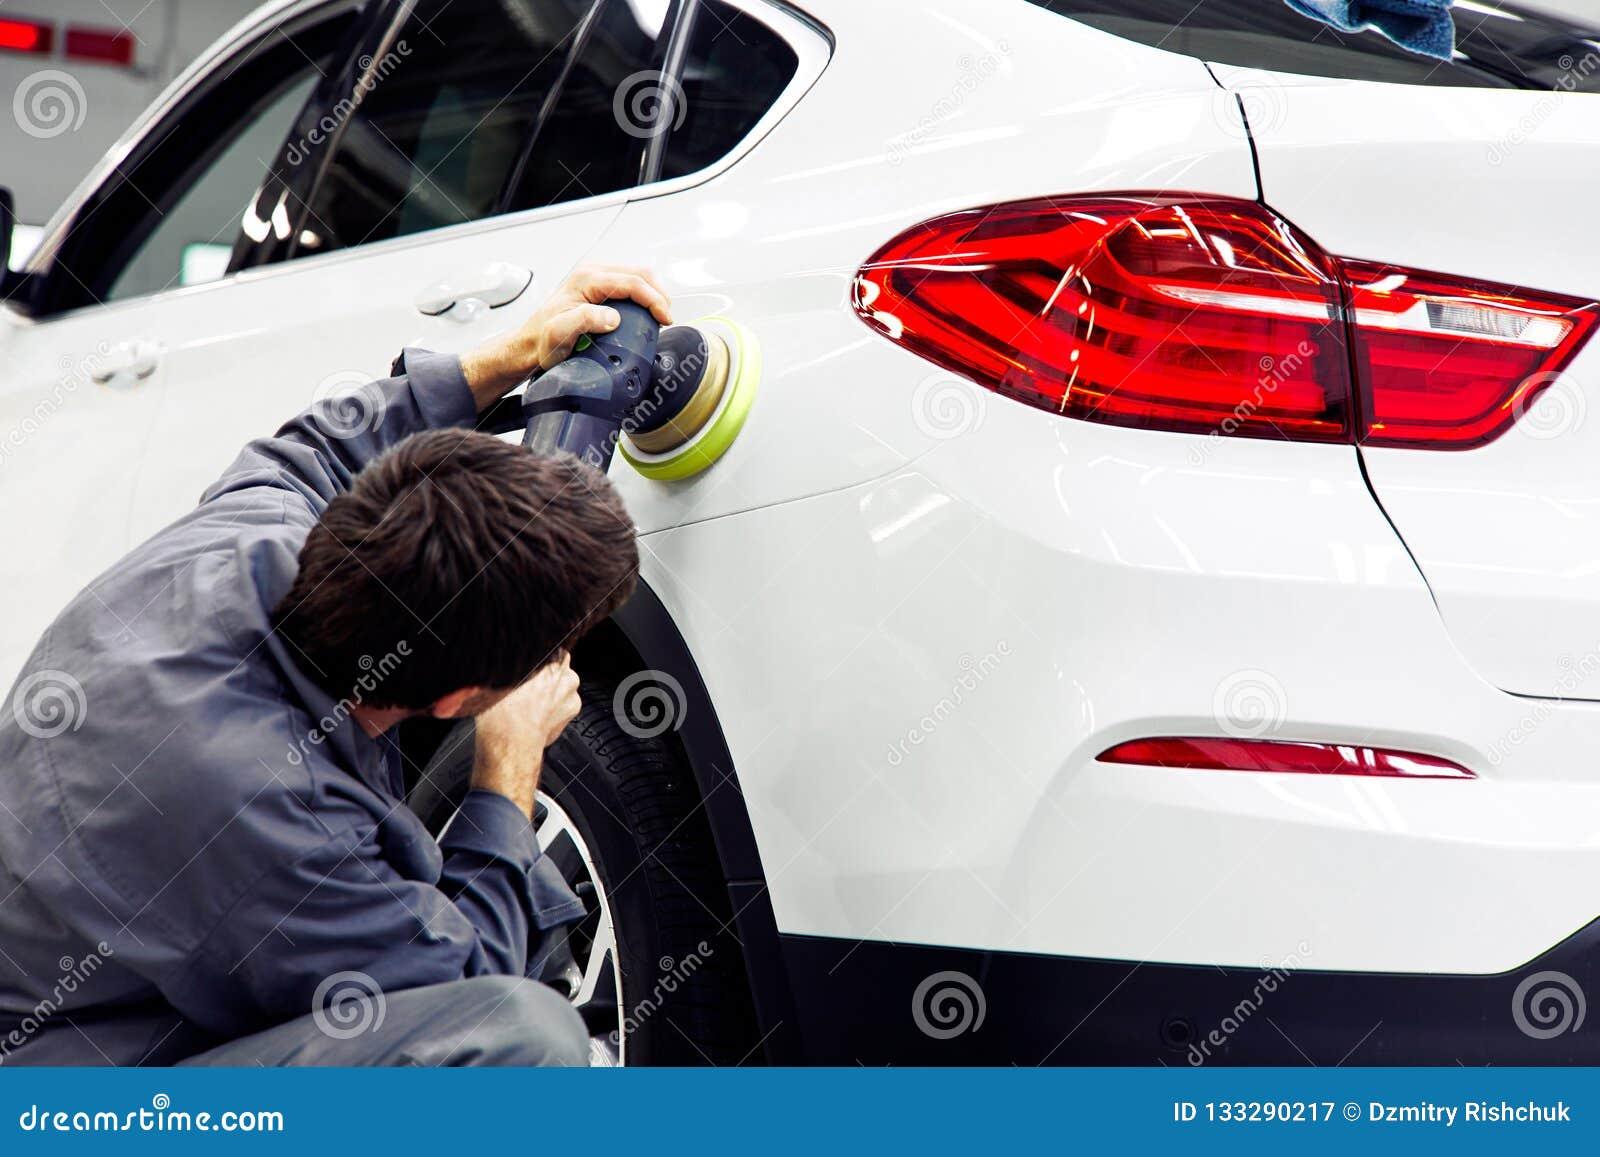 Απαρίθμηση αυτοκινήτων - χέρια με τον τροχιακό στιλβωτή στο αυτόματο κατάστημα επισκευής